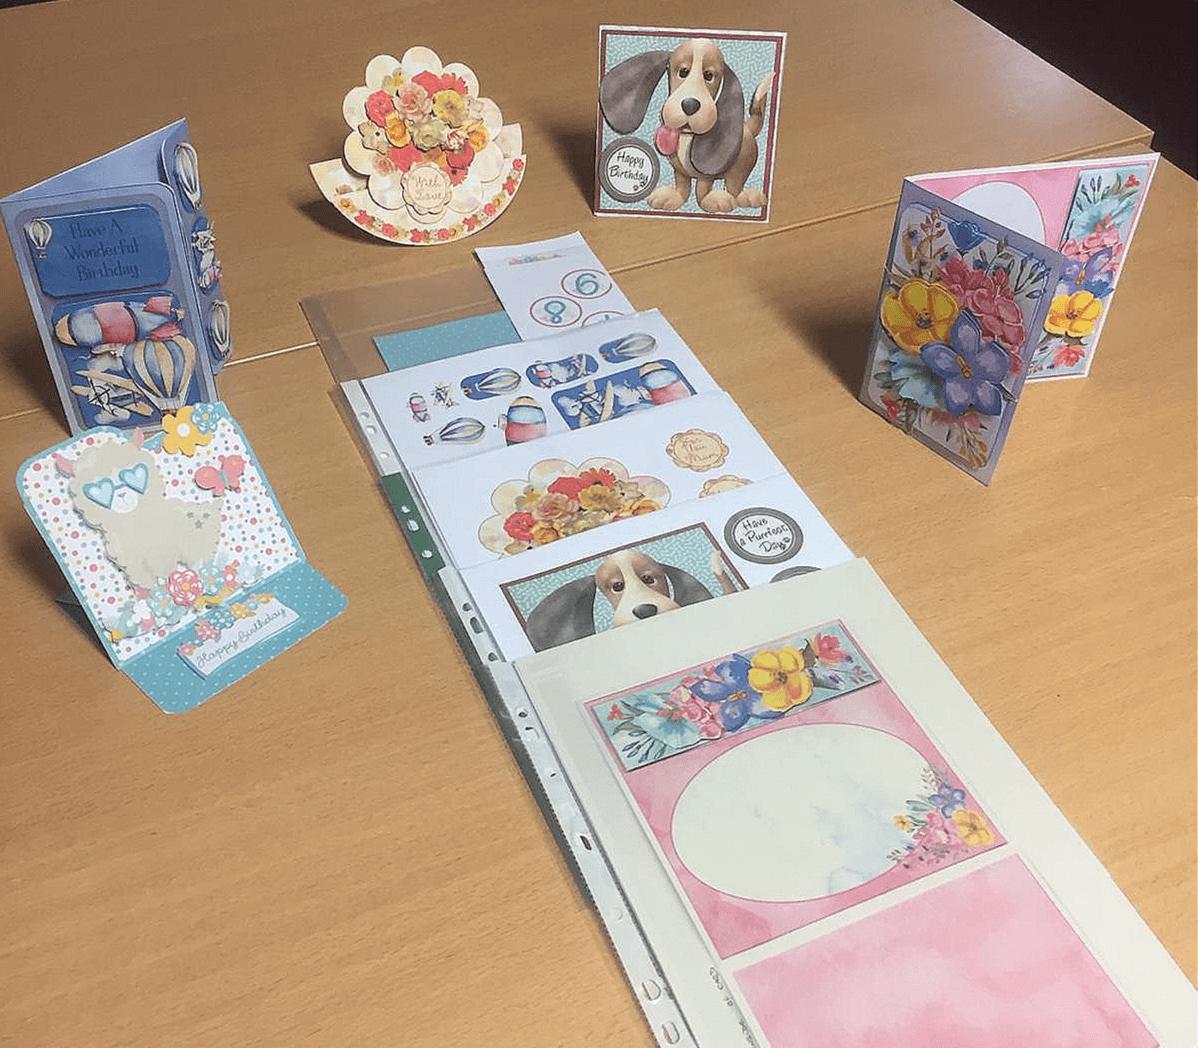 Craft activities for elderly people